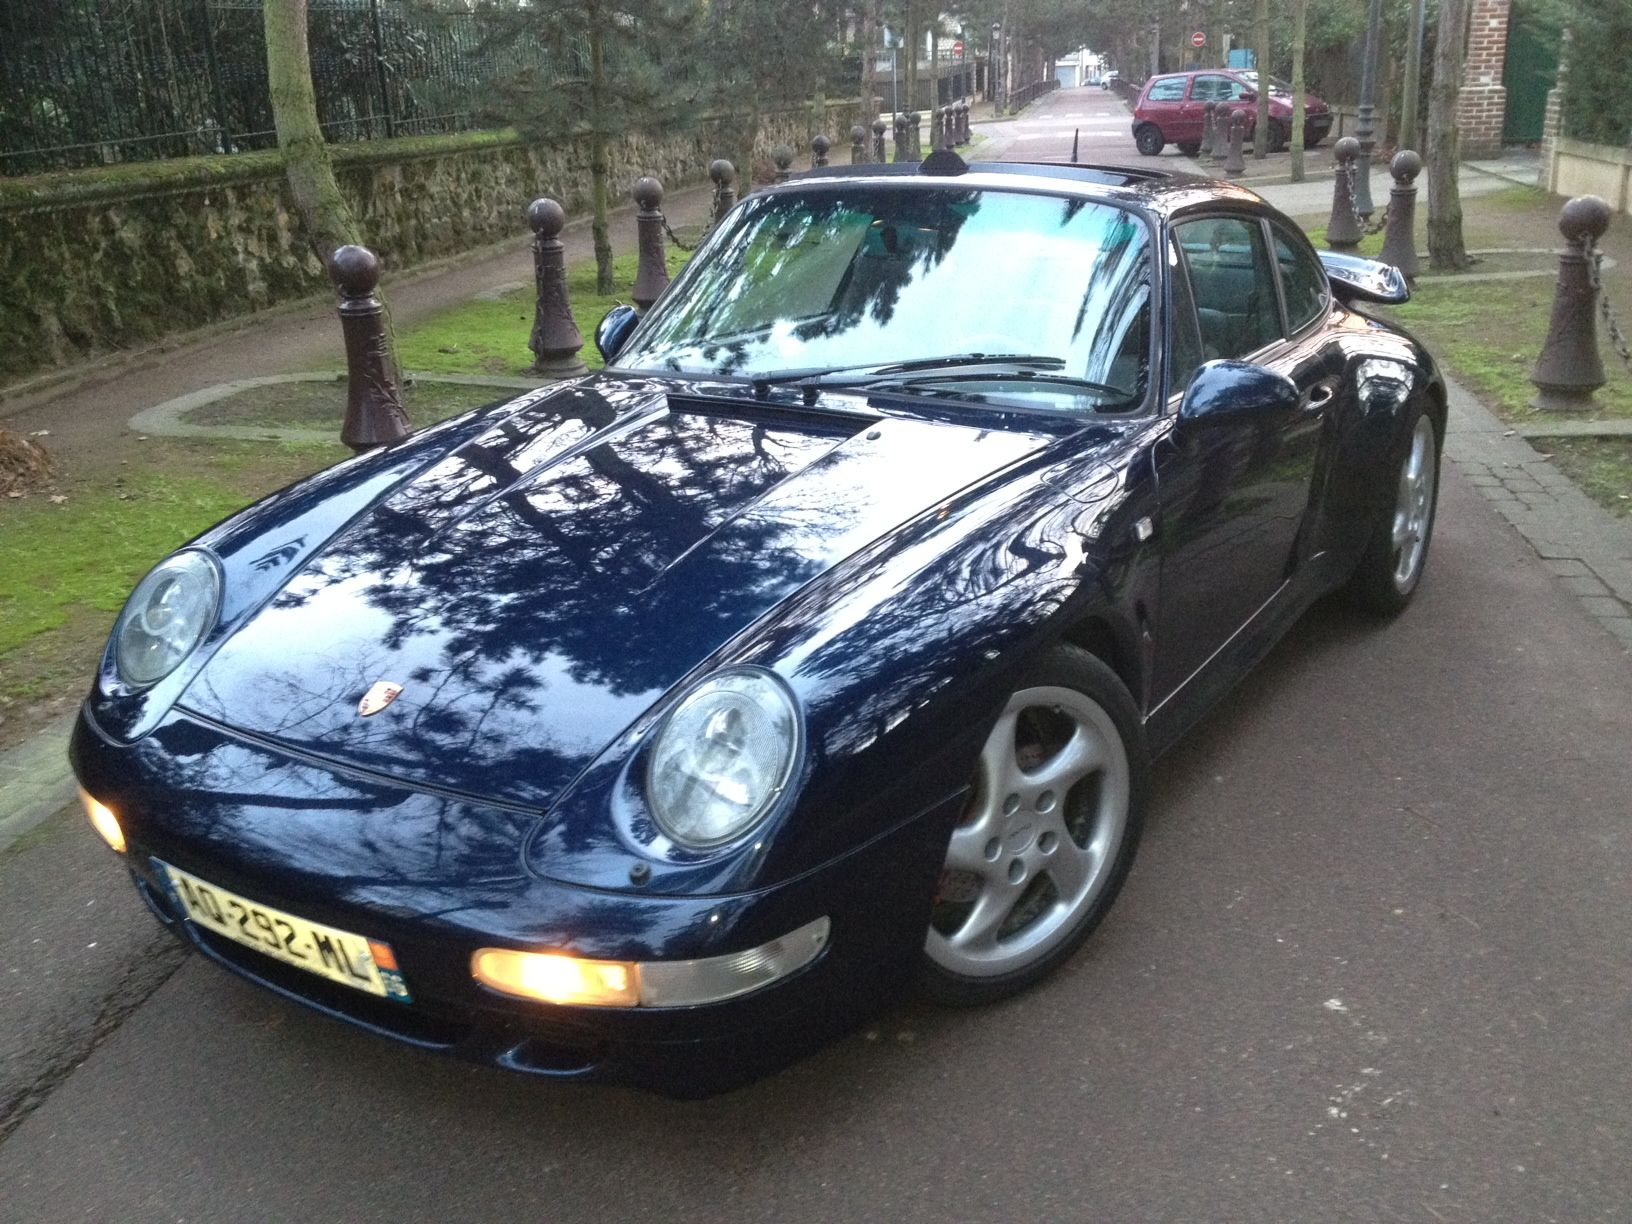 Paulo du 95 nouveau membre en 993 Turbo! 54a1807111485